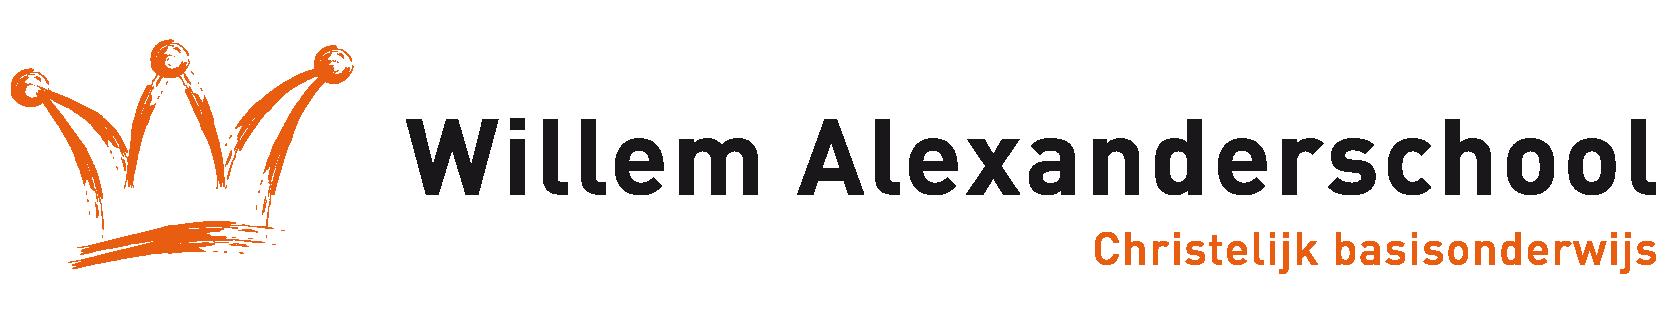 Donatie Van De Willem Alexanderschool